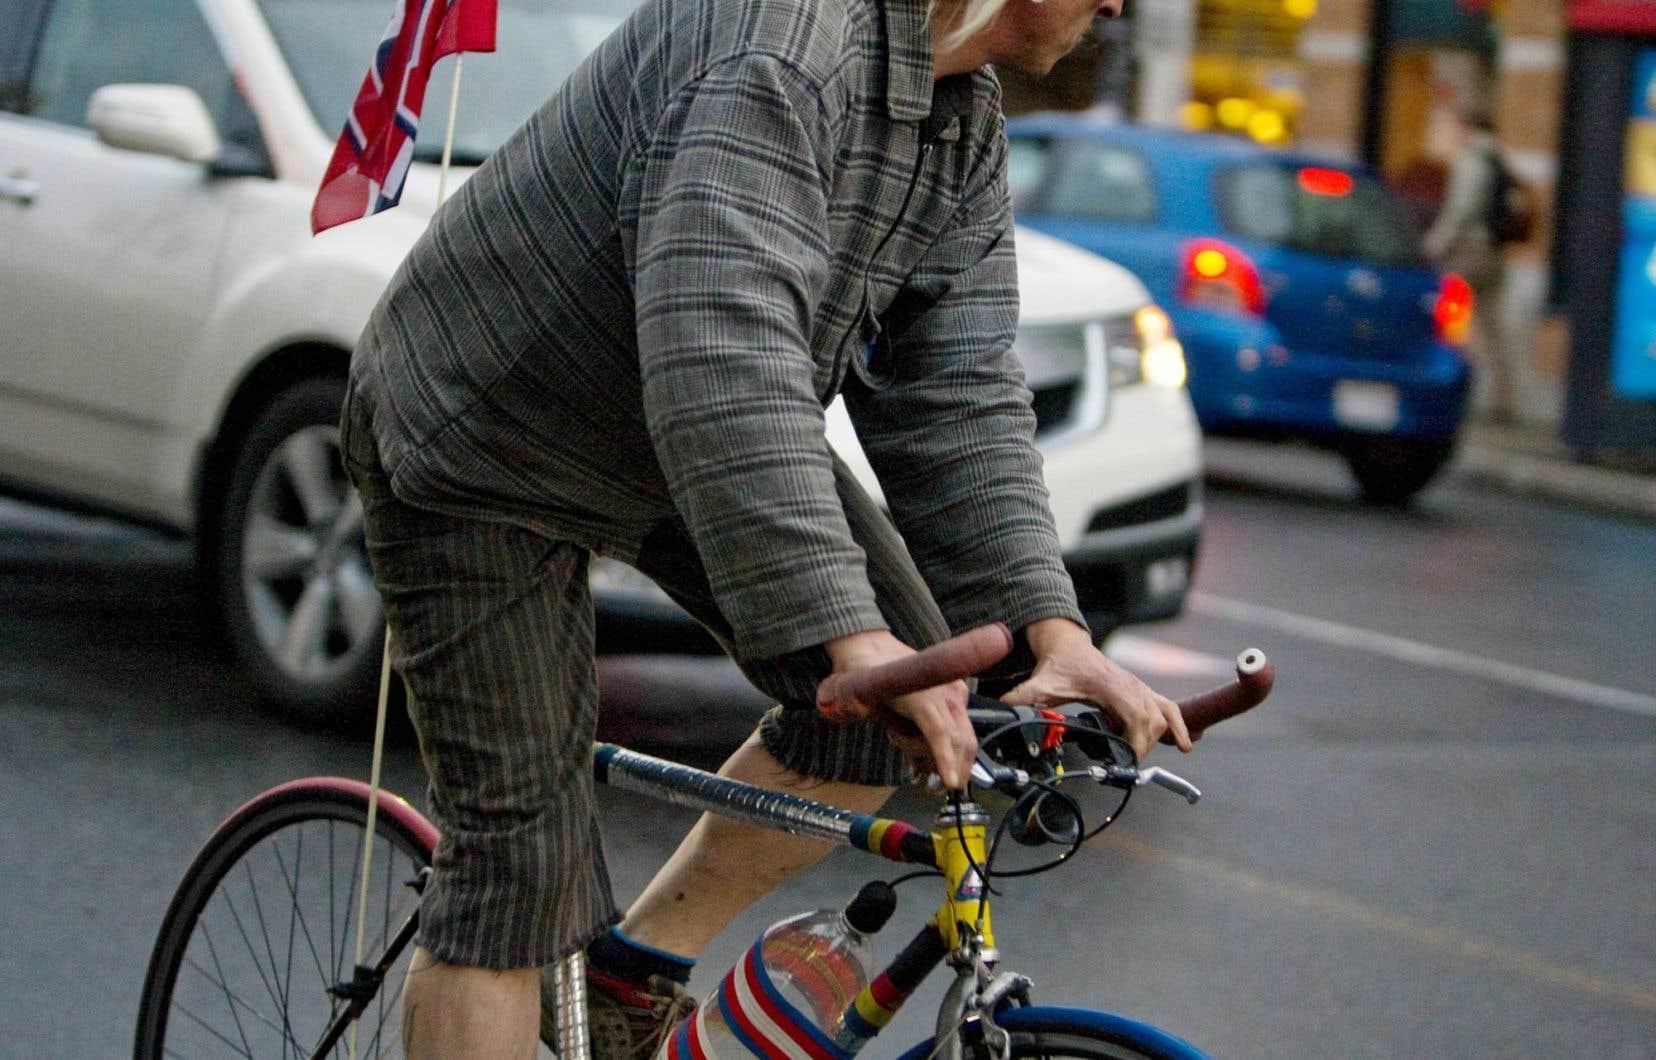 Ce dont nous avons besoin, c'est d'une mobilisation populaire en faveur des transports collectifs et d'une réappropriation de nos quartiers et de nos milieux de vie, affirme l'auteur.